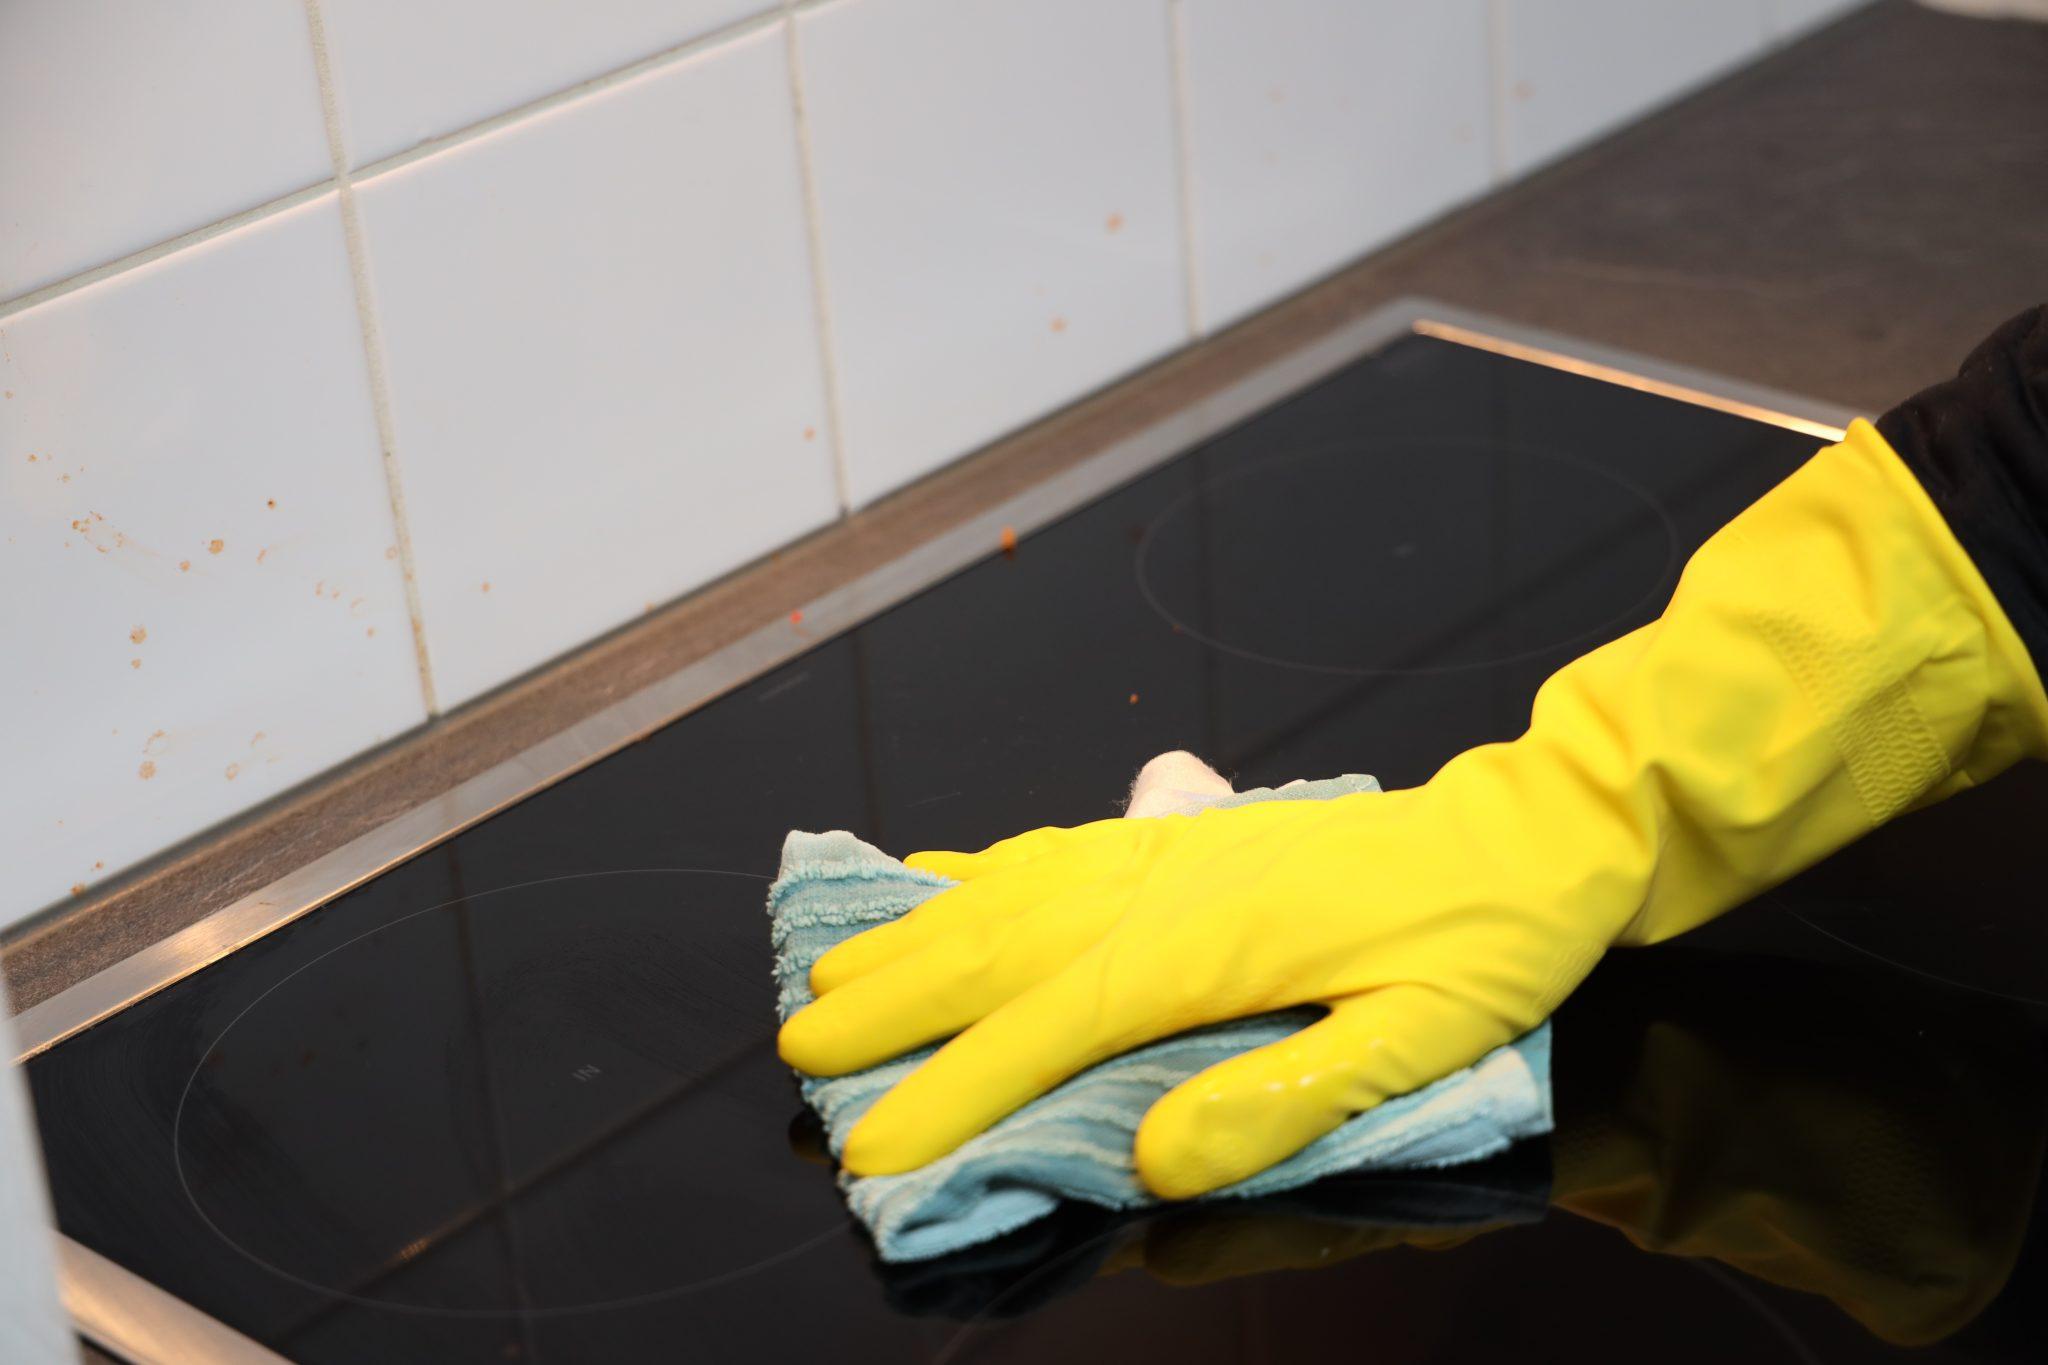 kookplaat afnemen met vochtige doek